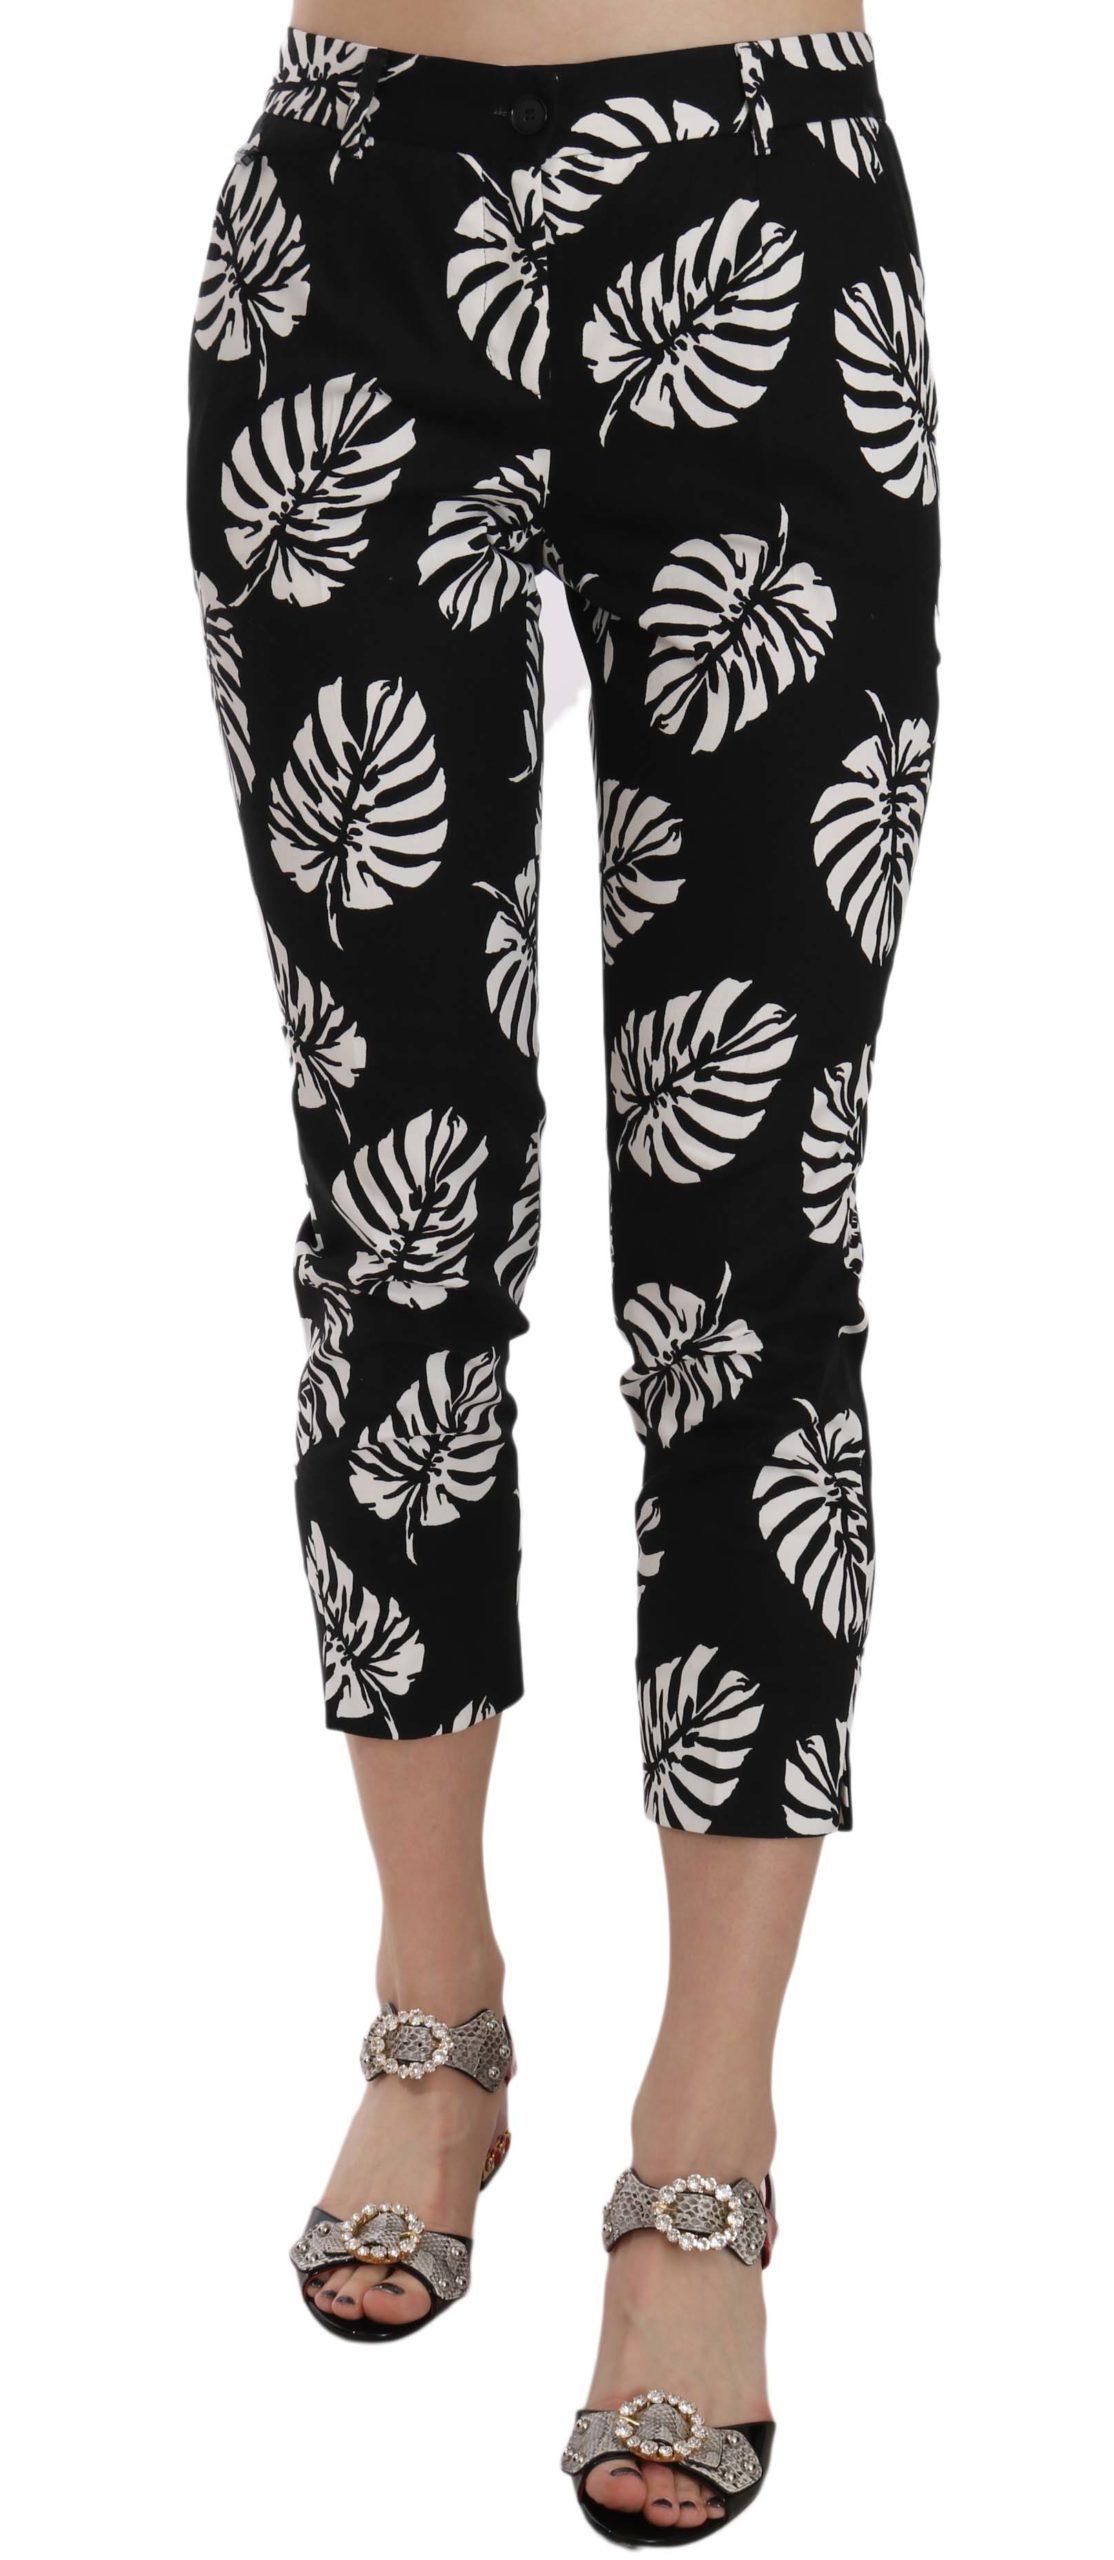 Dolce & Gabbana Women's Palm Leaf Print Skinny Trouser Black PAN70046 - IT36 XXS